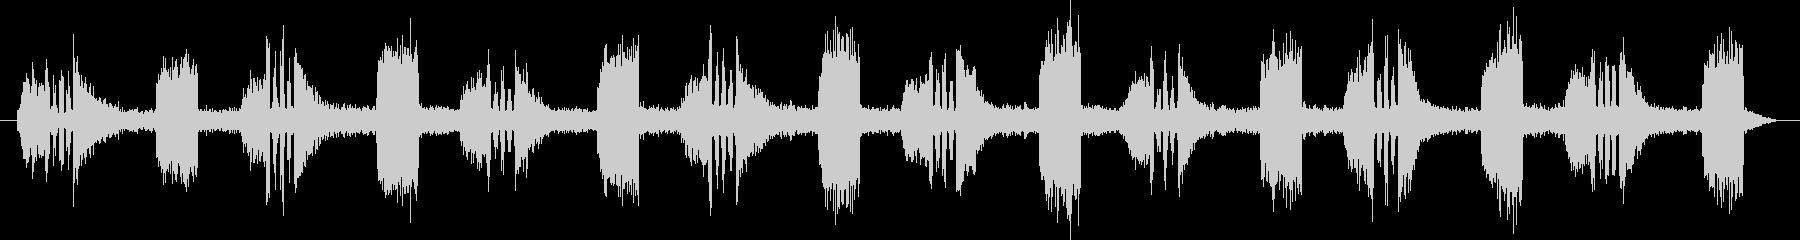 ブワワッワーブワワッワ… (パワー充電)の未再生の波形